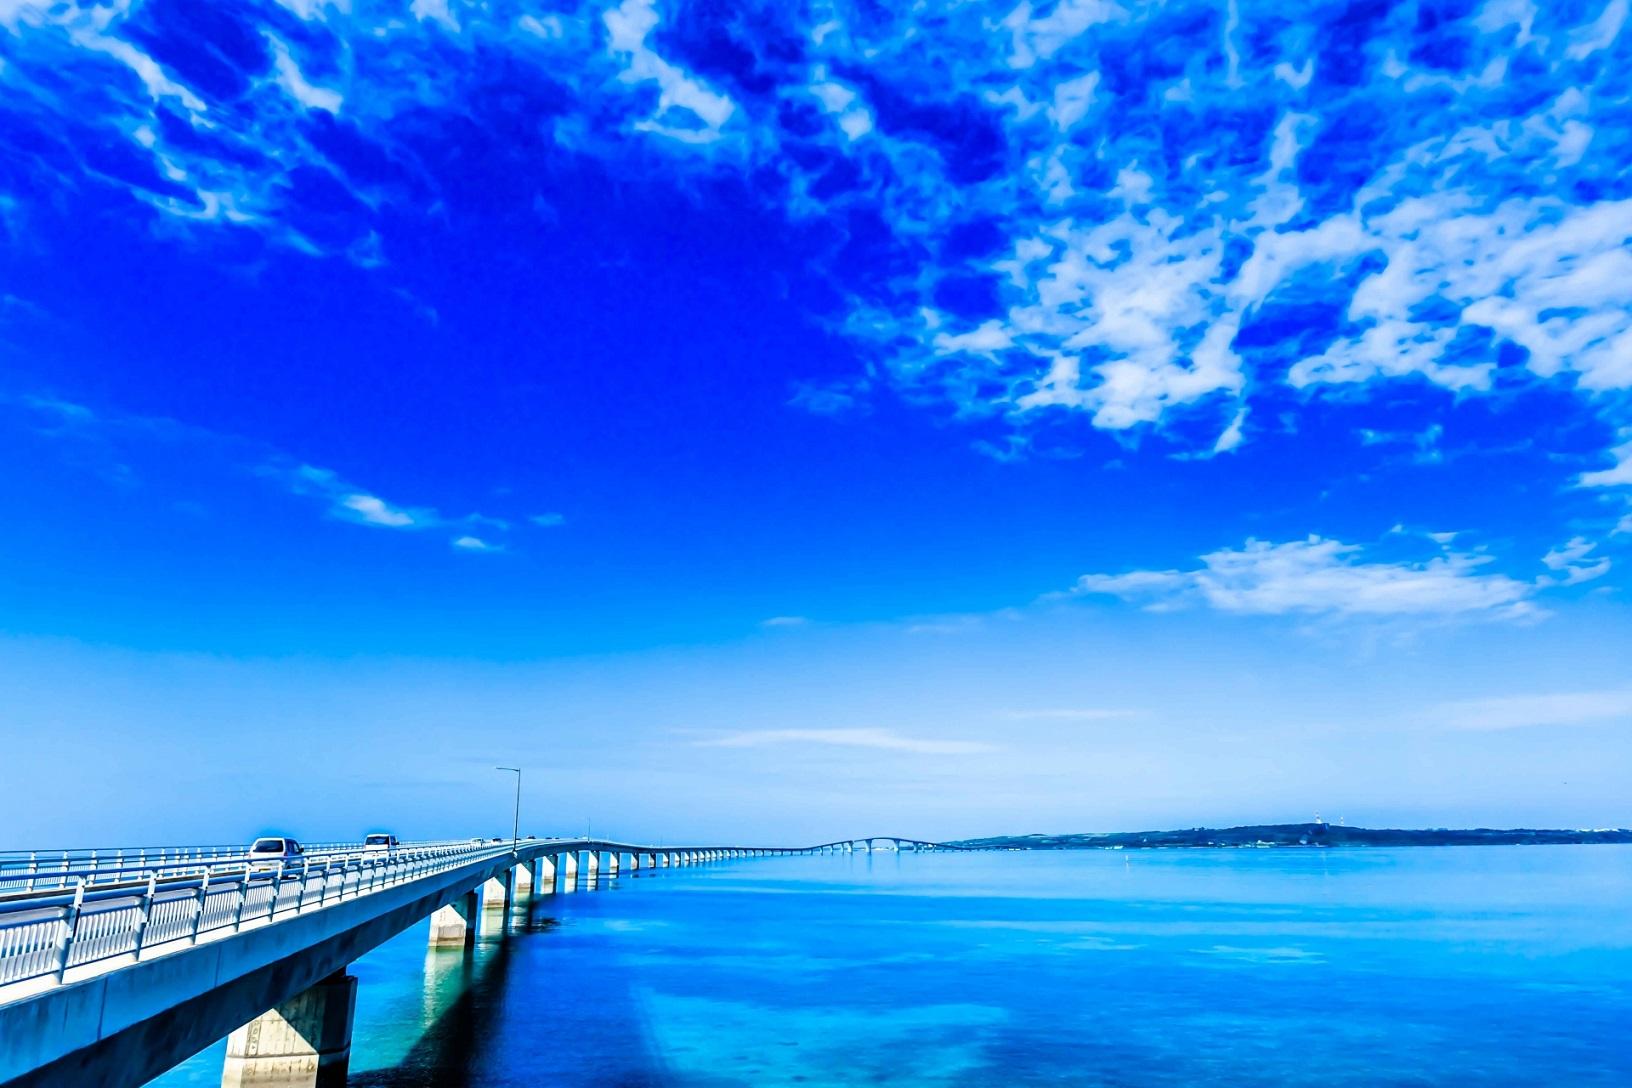 伊良部大橋を徹底ガイド!場所やアクセスから人気の絶景までを解説!